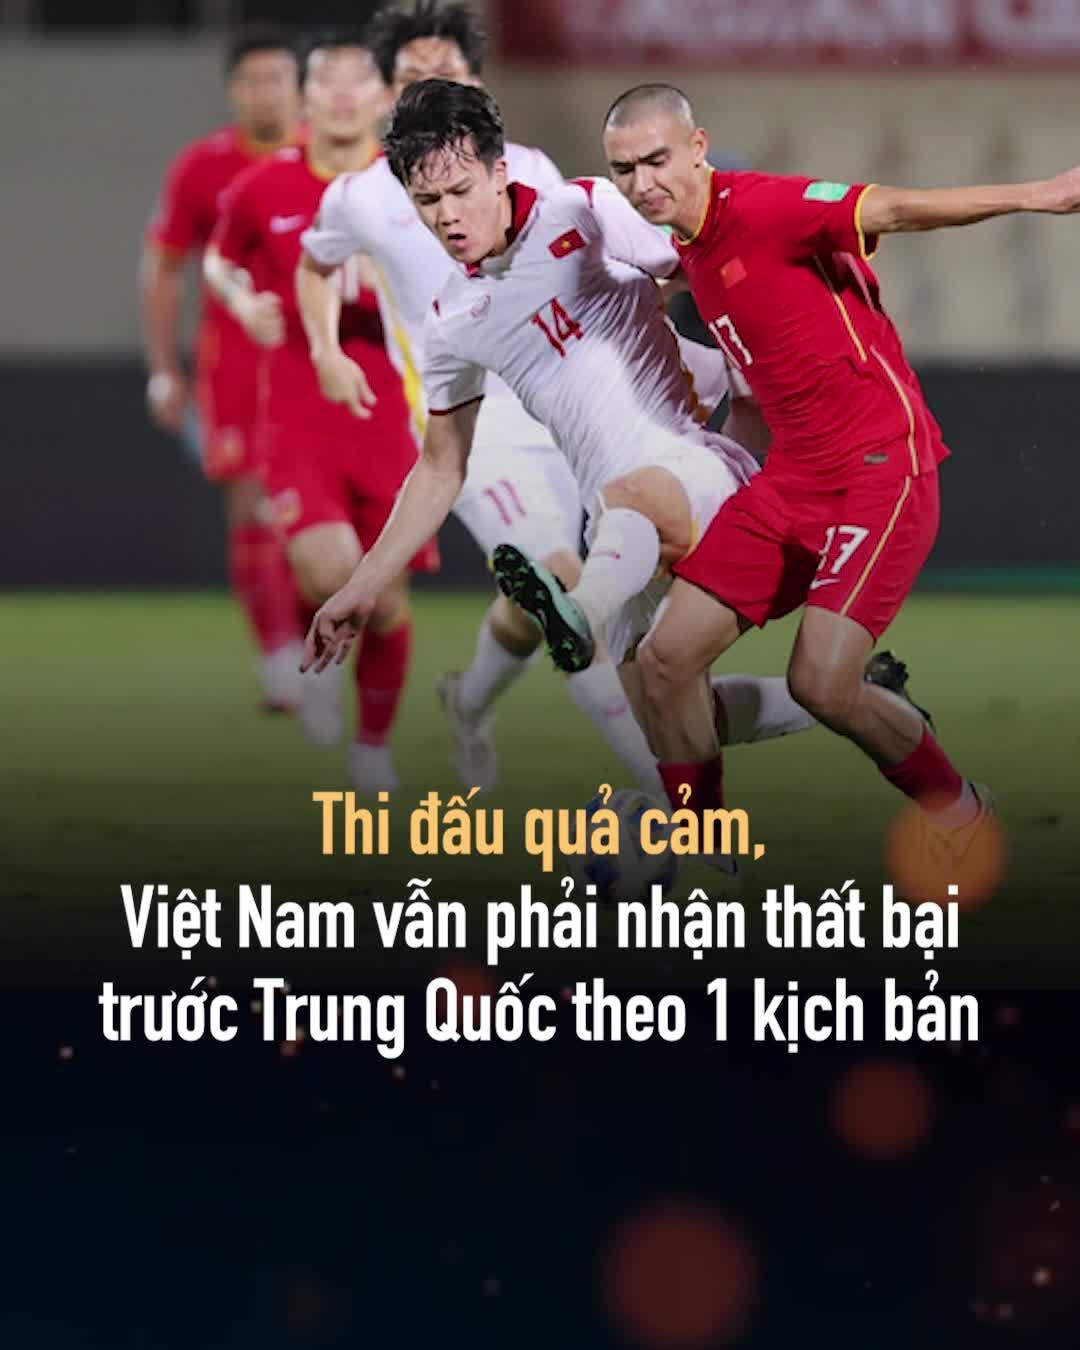 Thi đấu quả cảm, Việt Nam vẫn phải nhận thất bại trước Trung Quốc theo 1 kịch bản